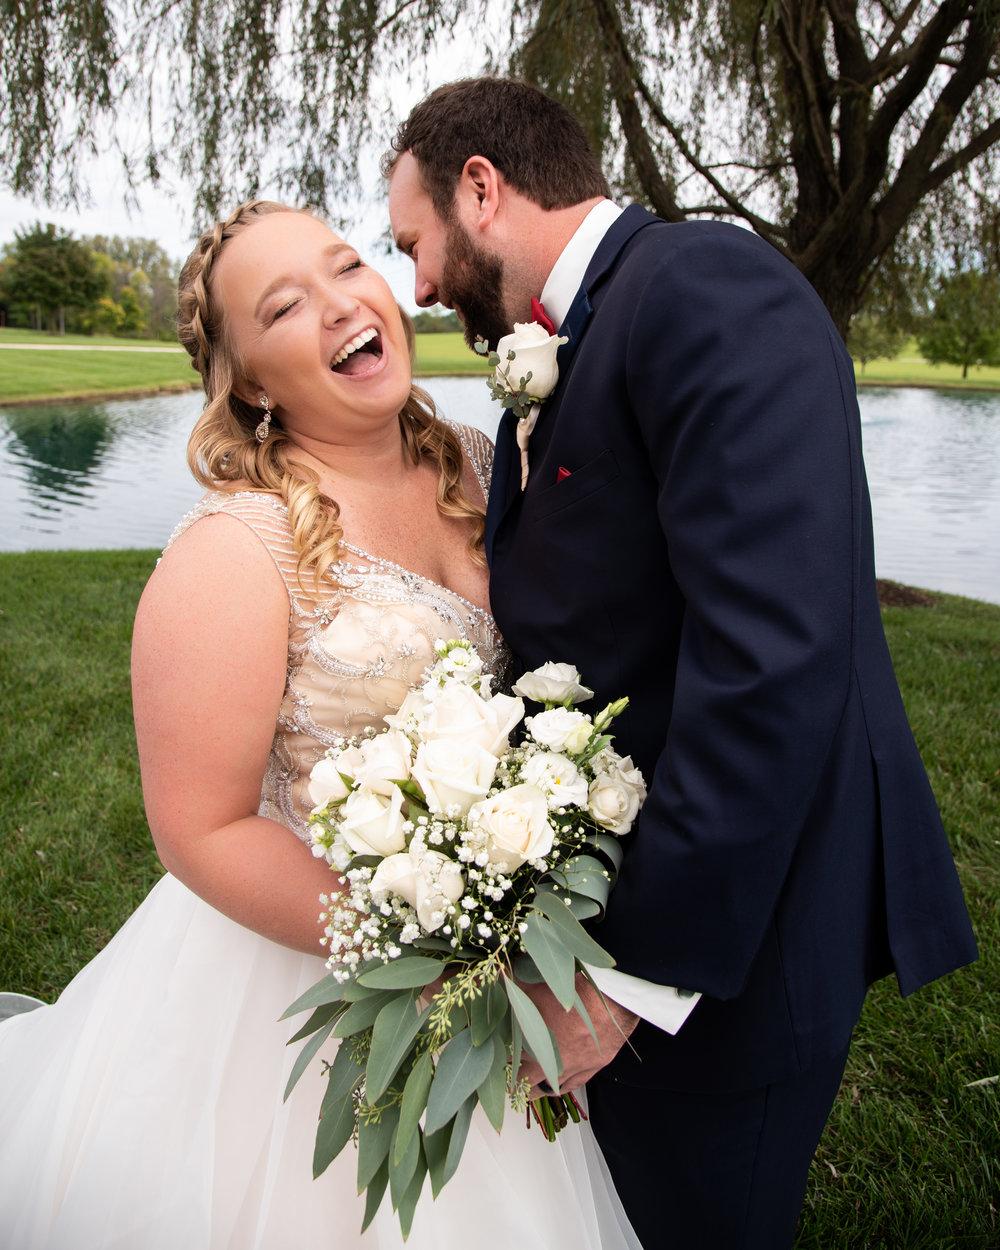 Kyla jo photography Weddings